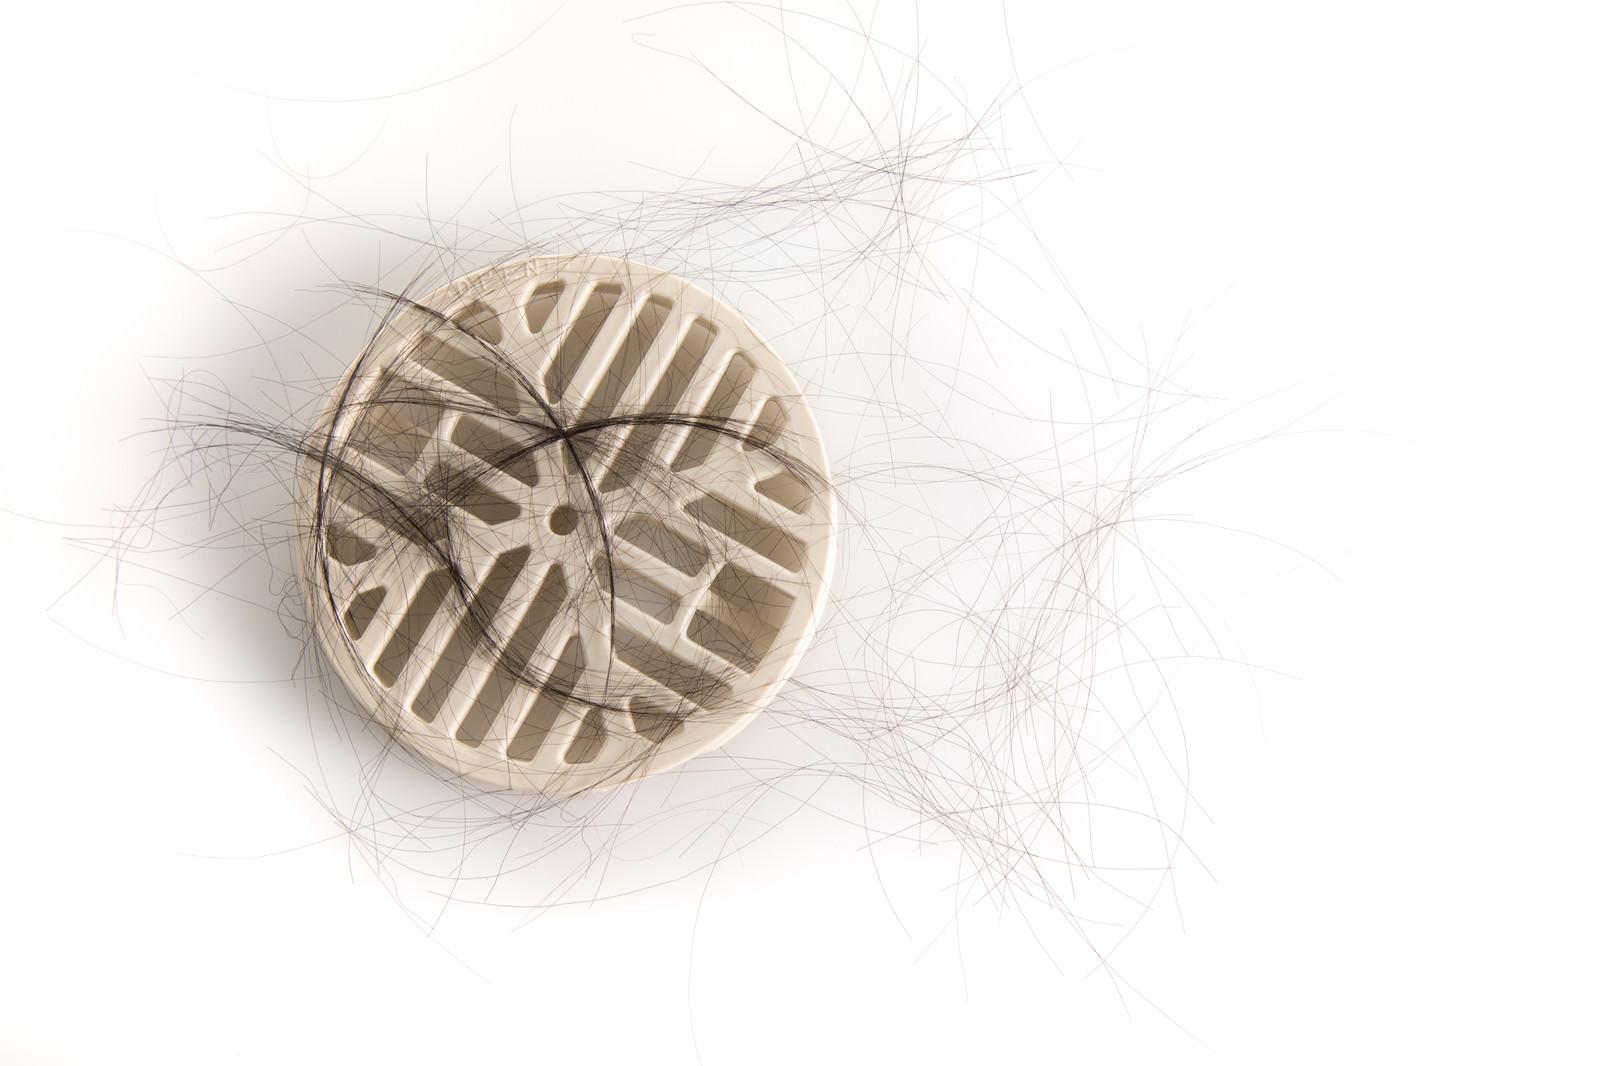 「排水口に溜まった抜け毛」の写真